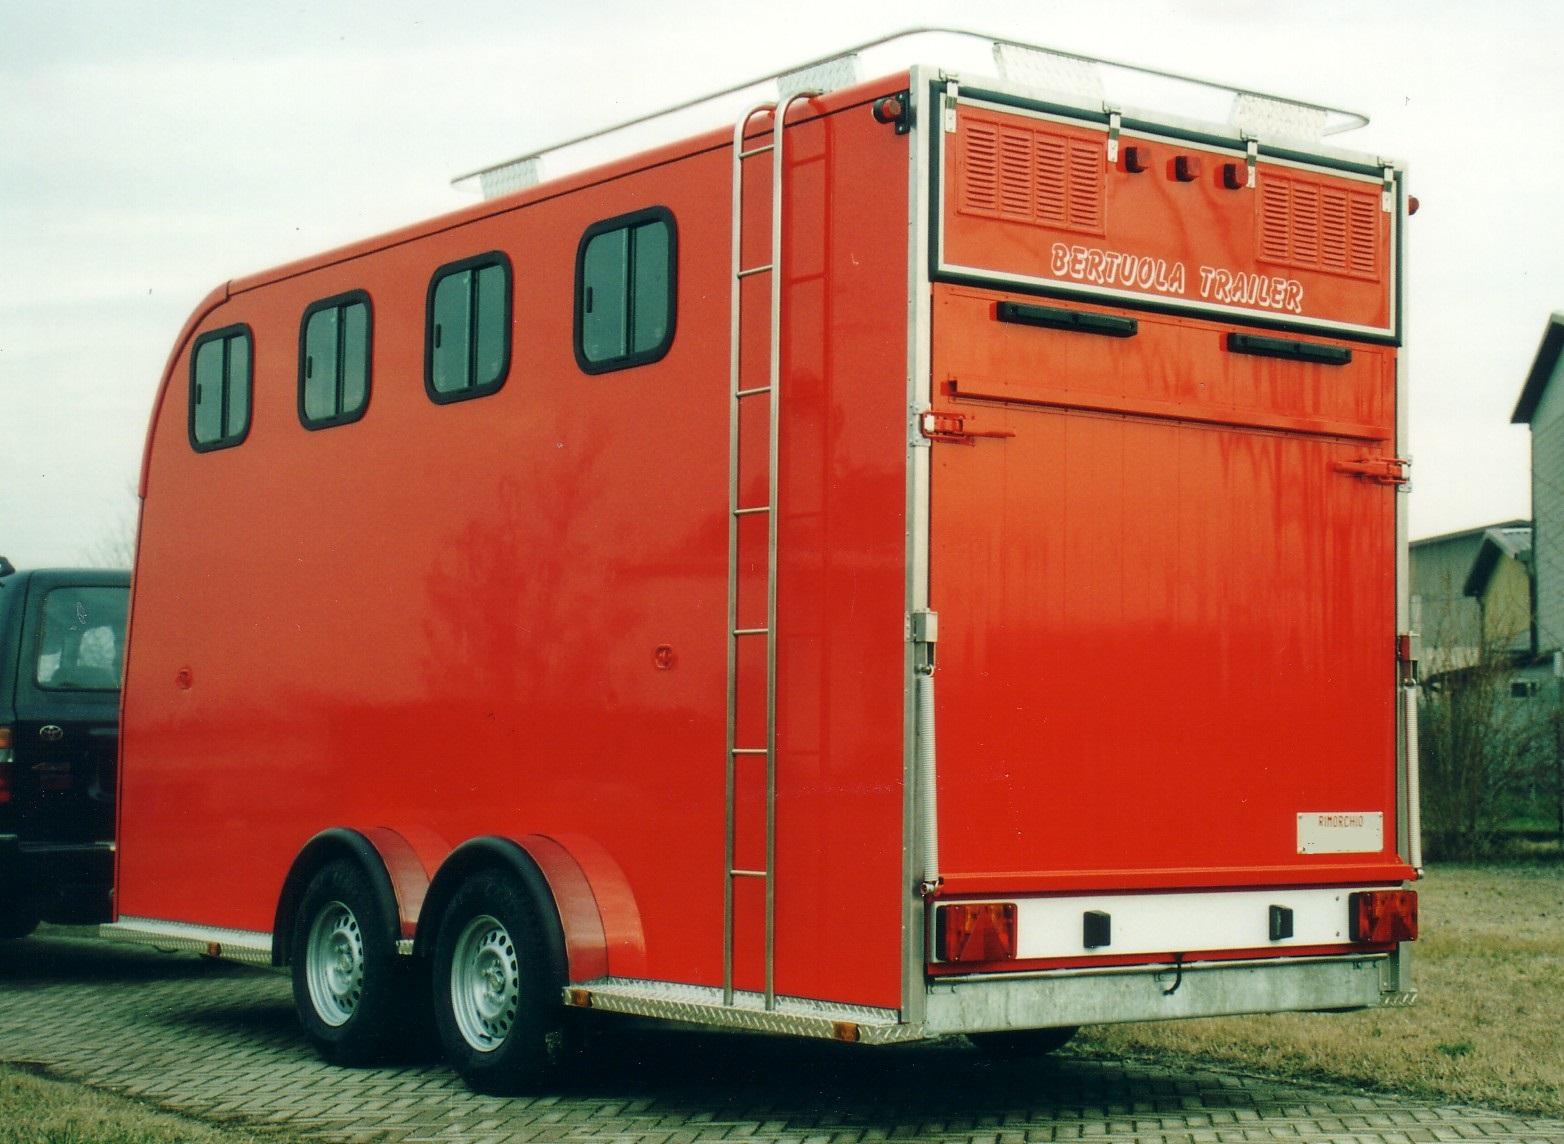 Rimorchio trasporto cavalli bertuola trailer srl for Bertuola rimorchi